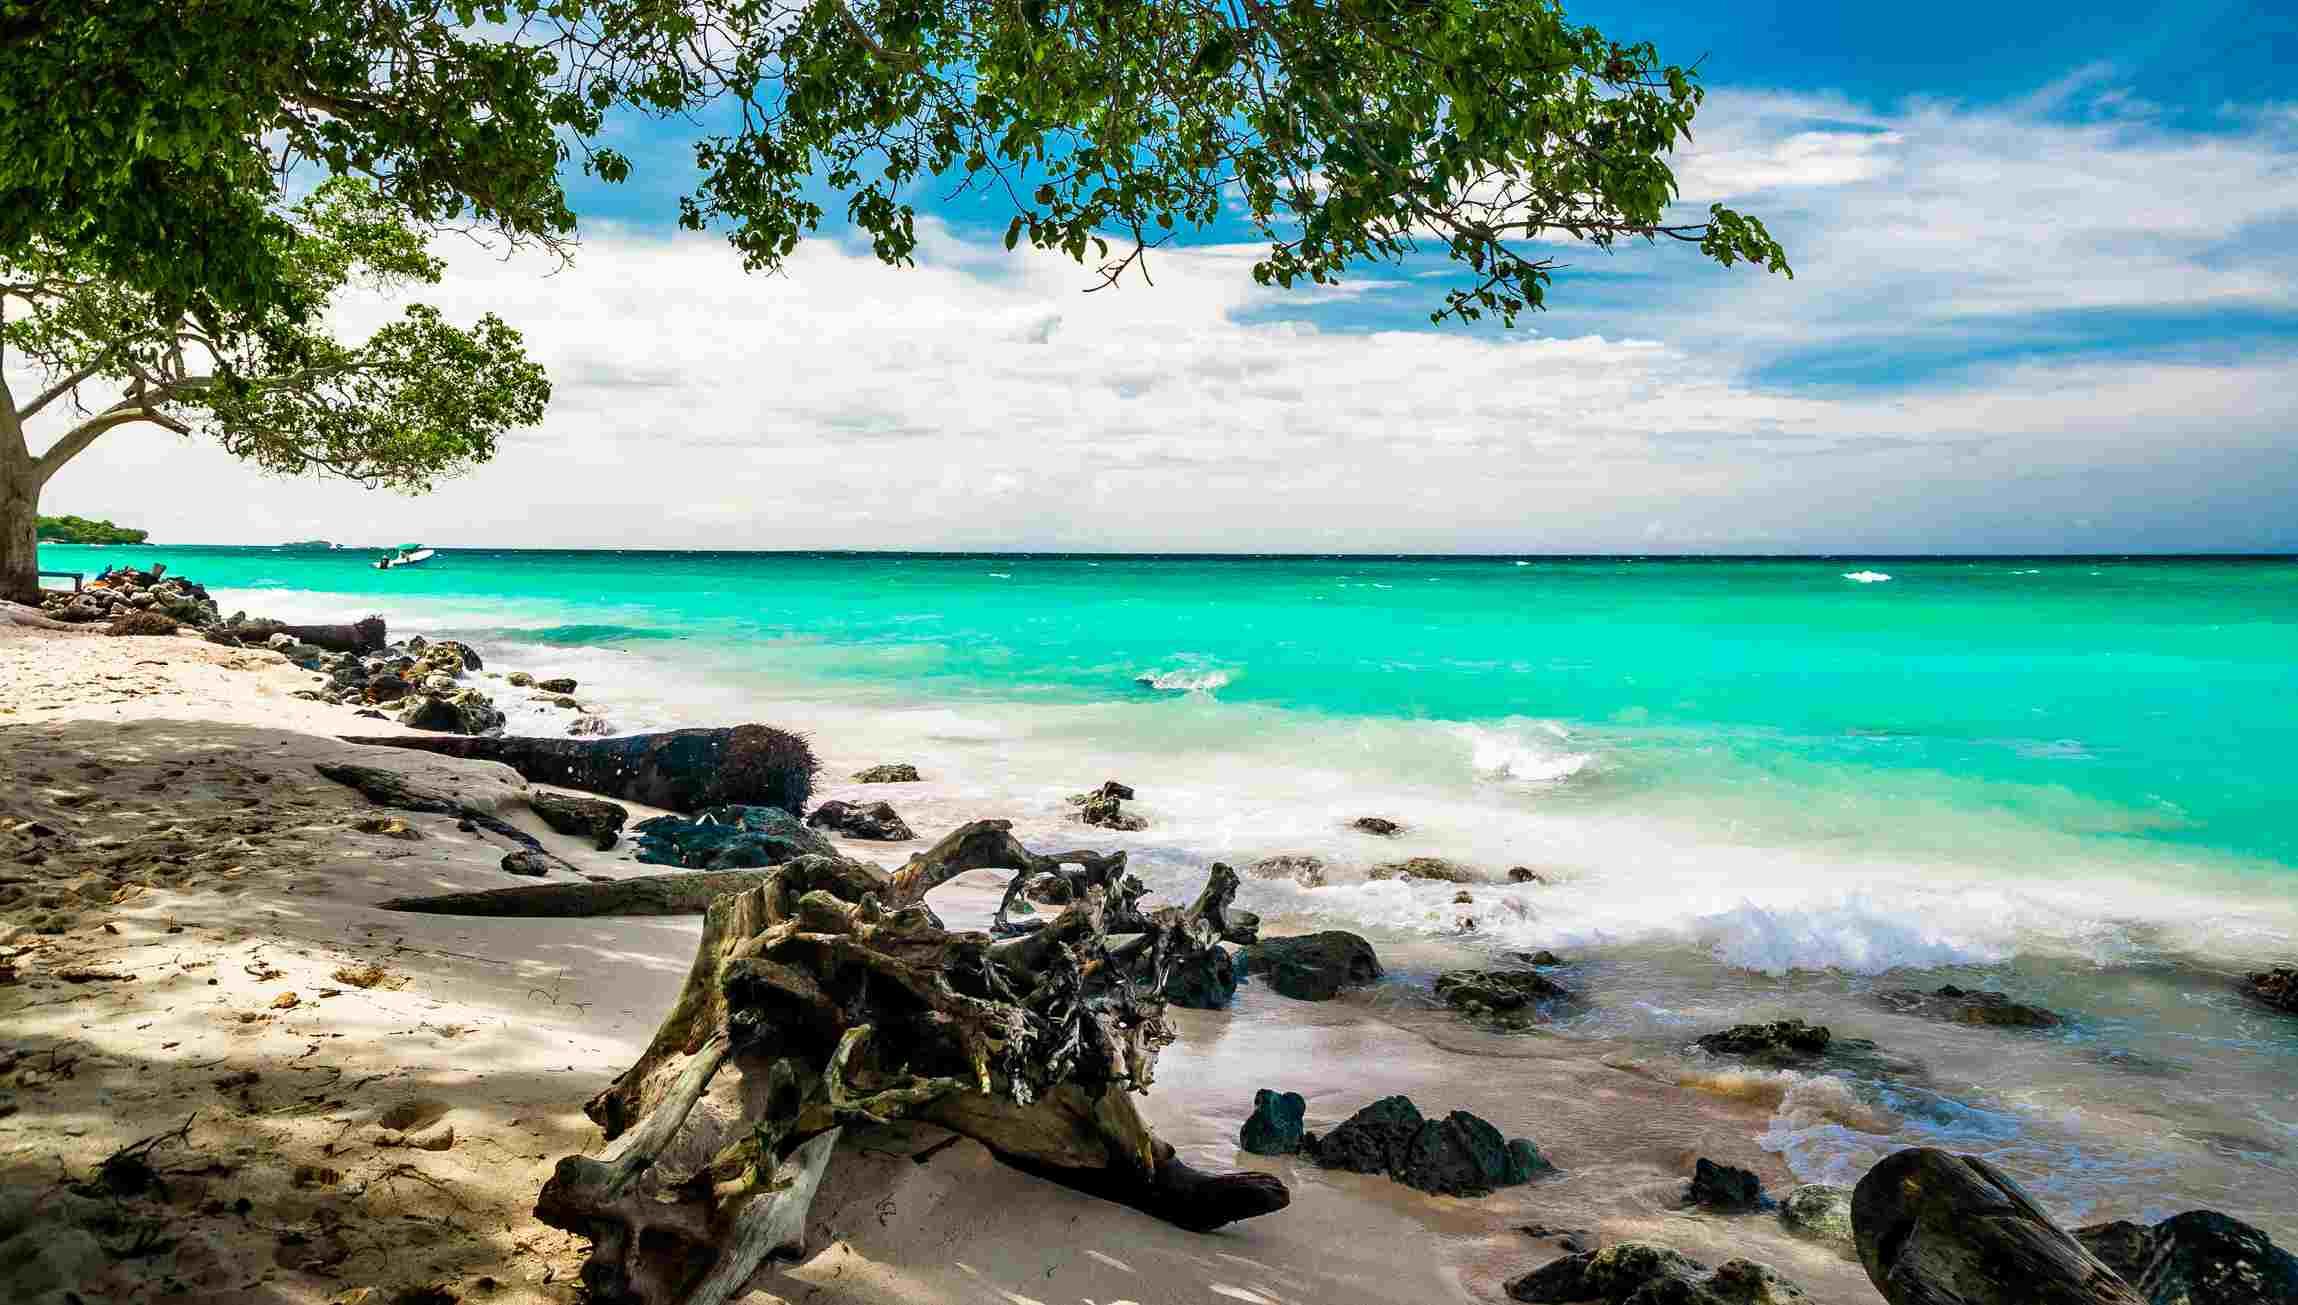 Paradise beach of Playa blanca by Baru in Colombia